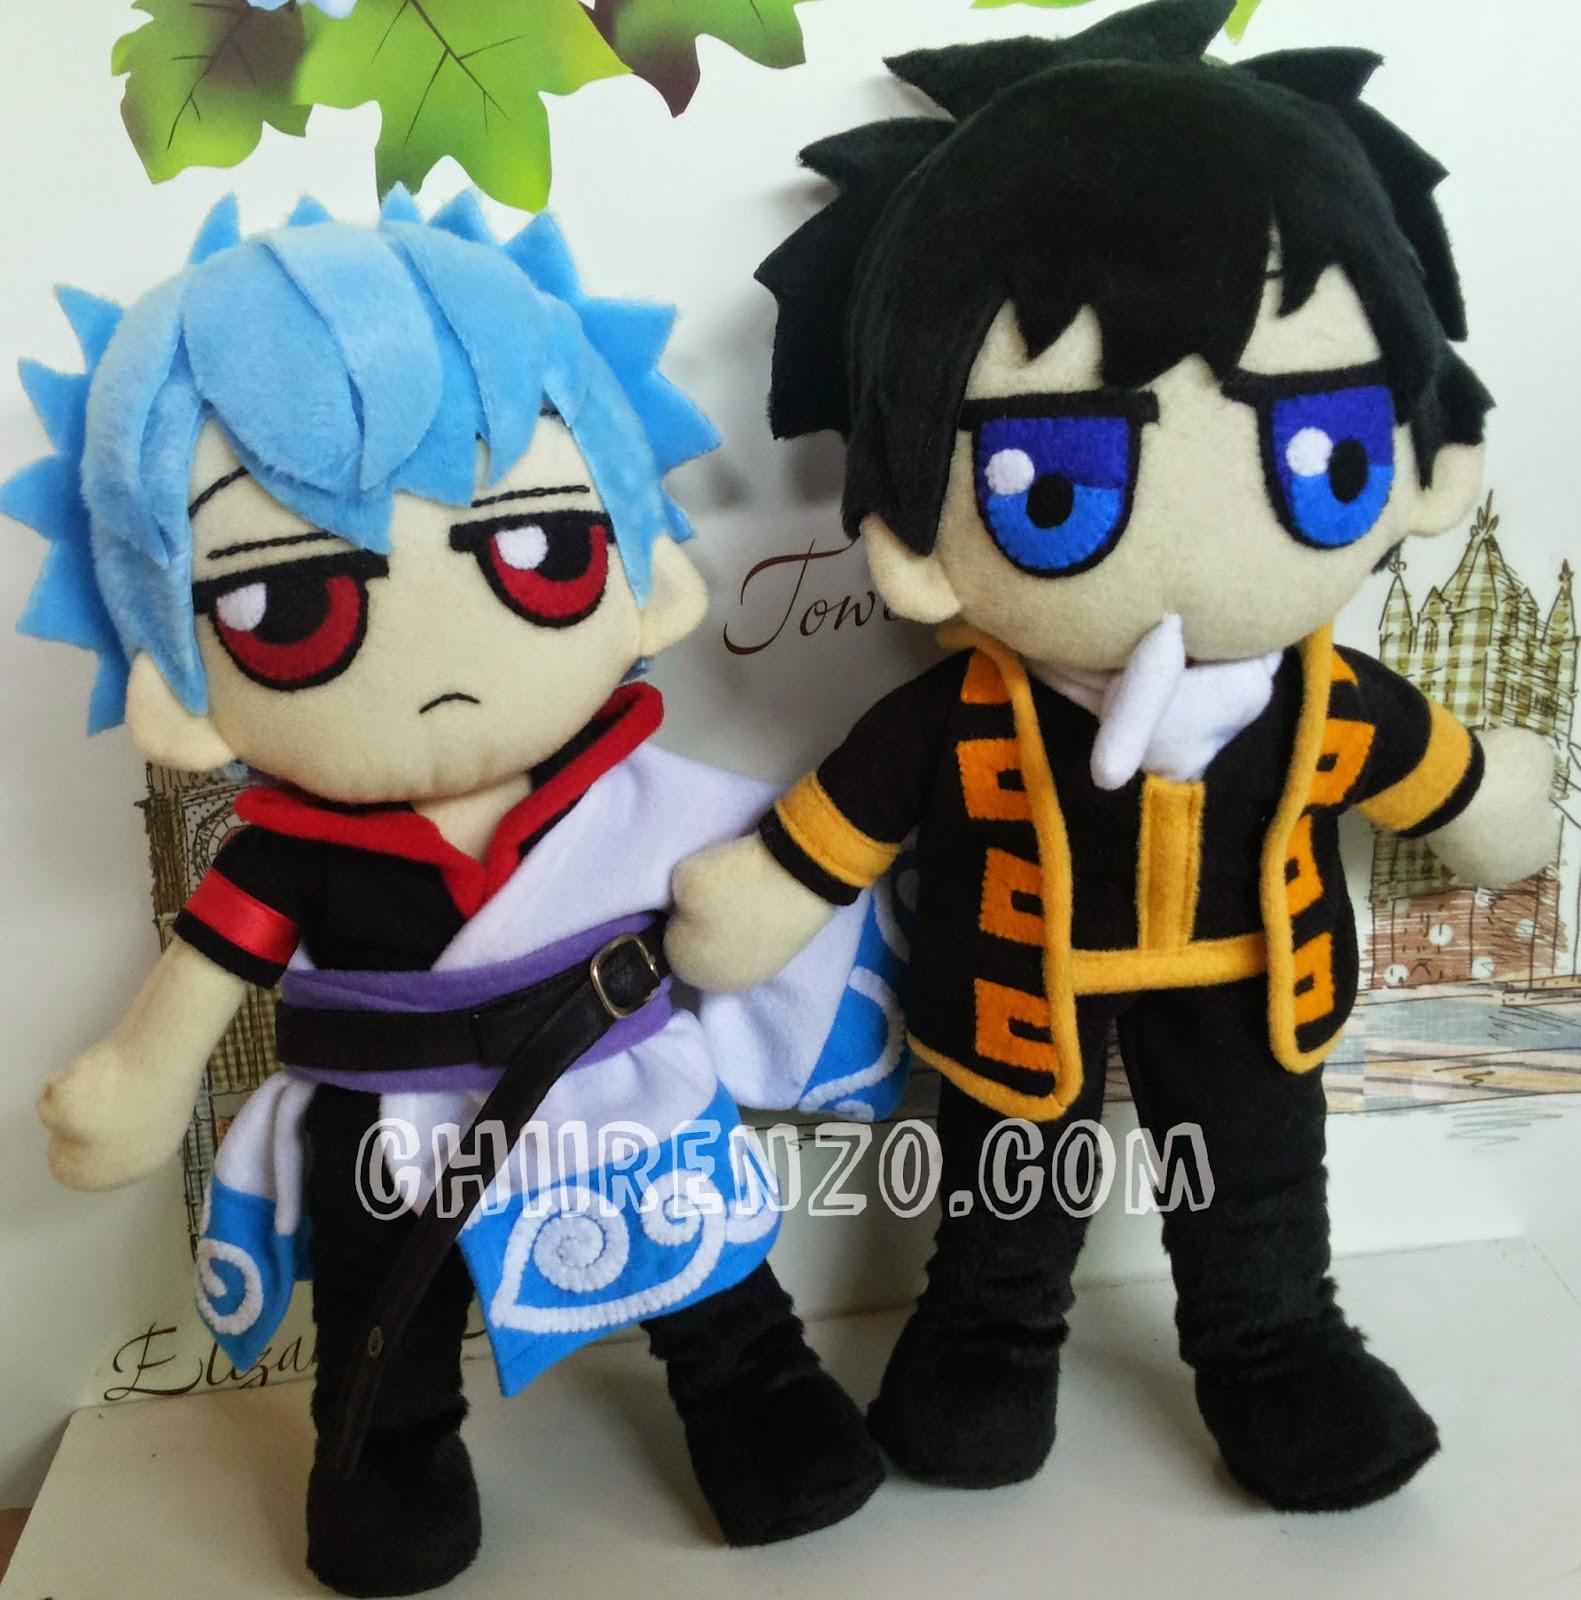 Chiirenzo: Gintoki And Hijikata Plush Doll